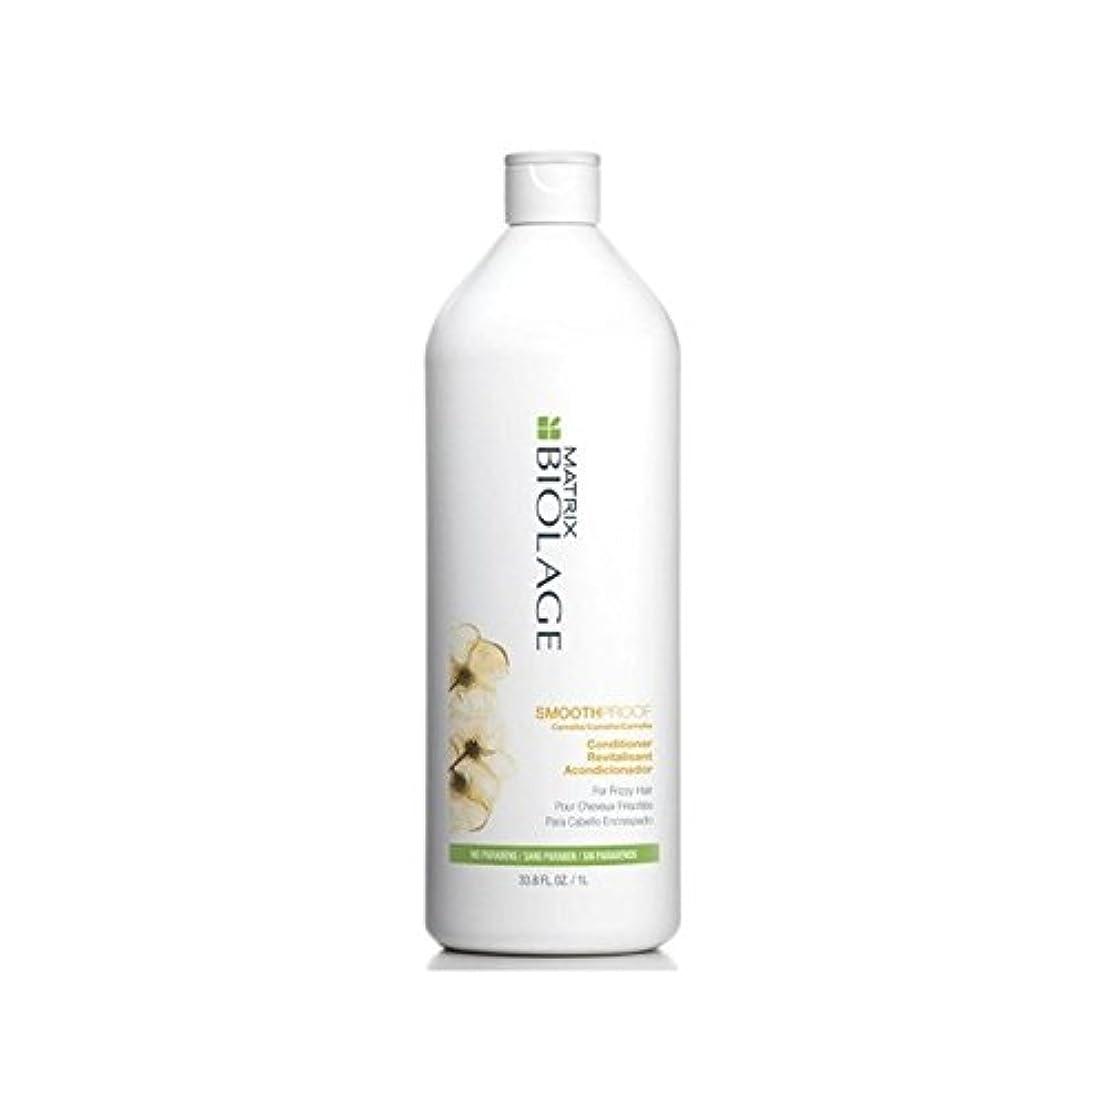 納税者メロンルネッサンスマトリックスバイオレイジコンディショナー(千ミリリットル) x4 - Matrix Biolage Smoothproof Conditioner (1000ml) (Pack of 4) [並行輸入品]